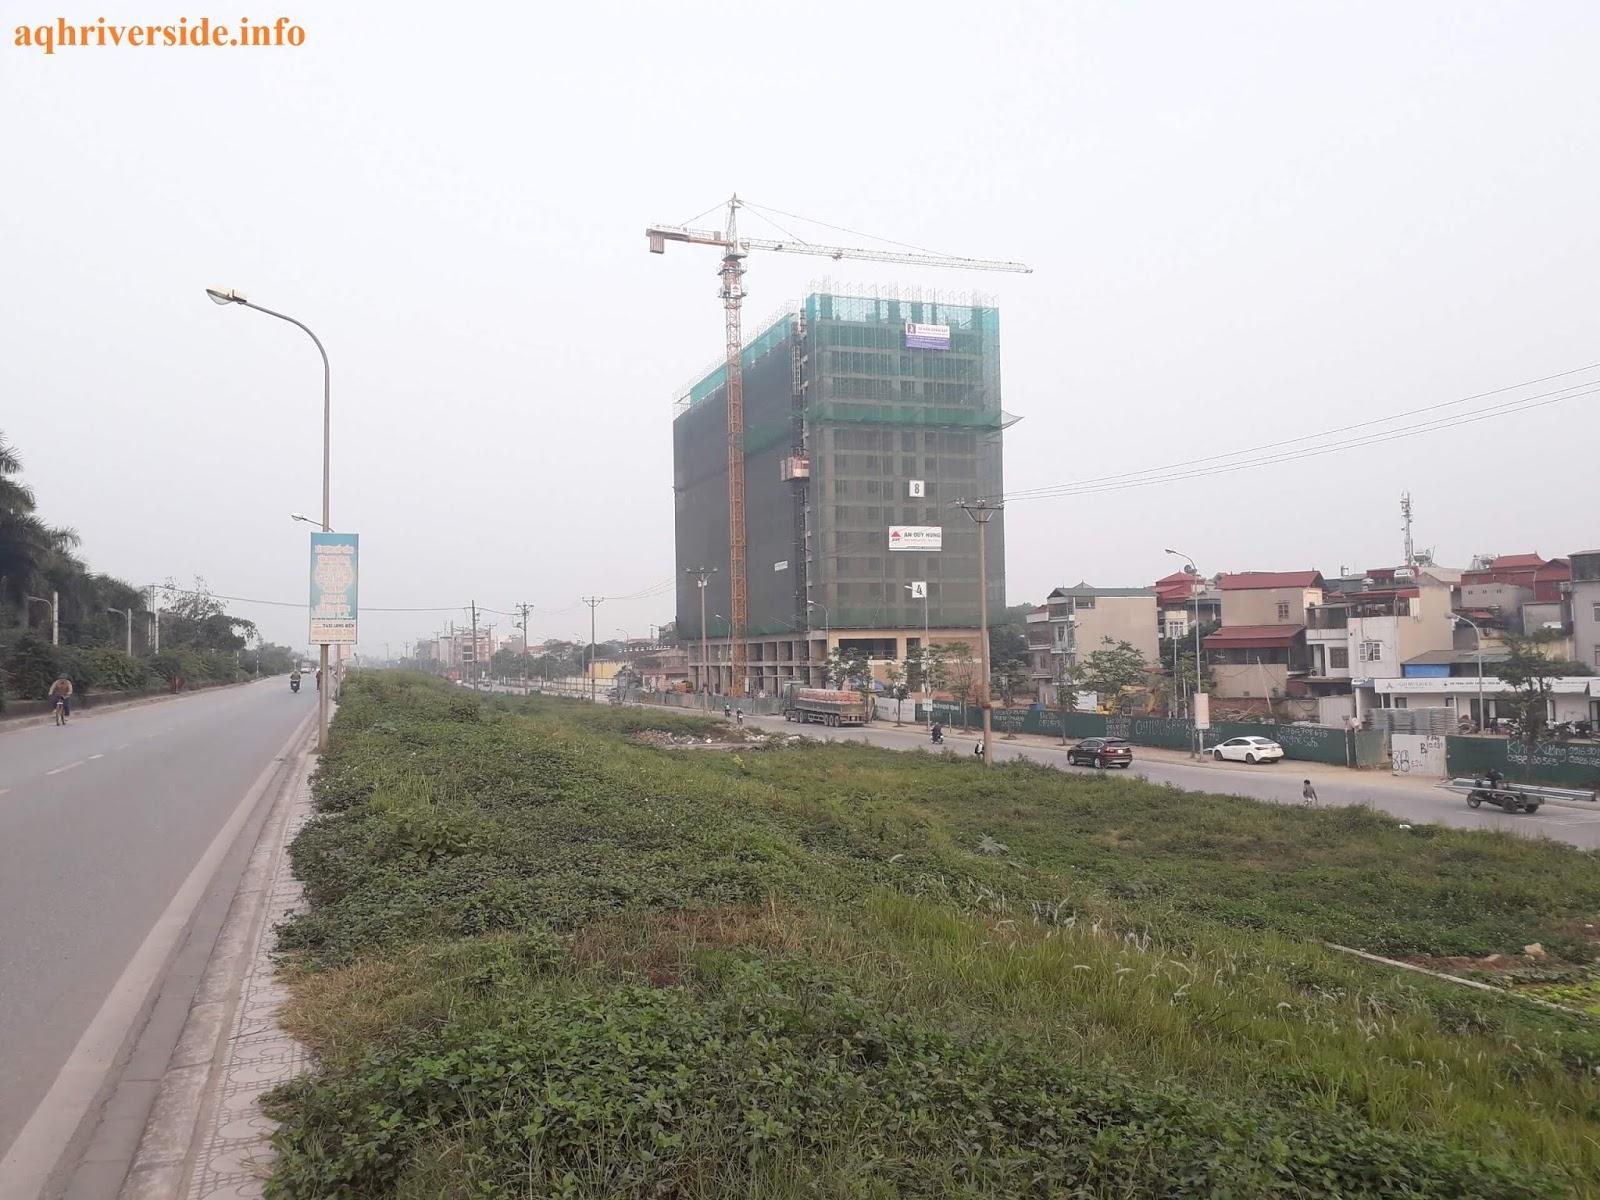 Chung cư AQH đã được thi công đến tầng 14.